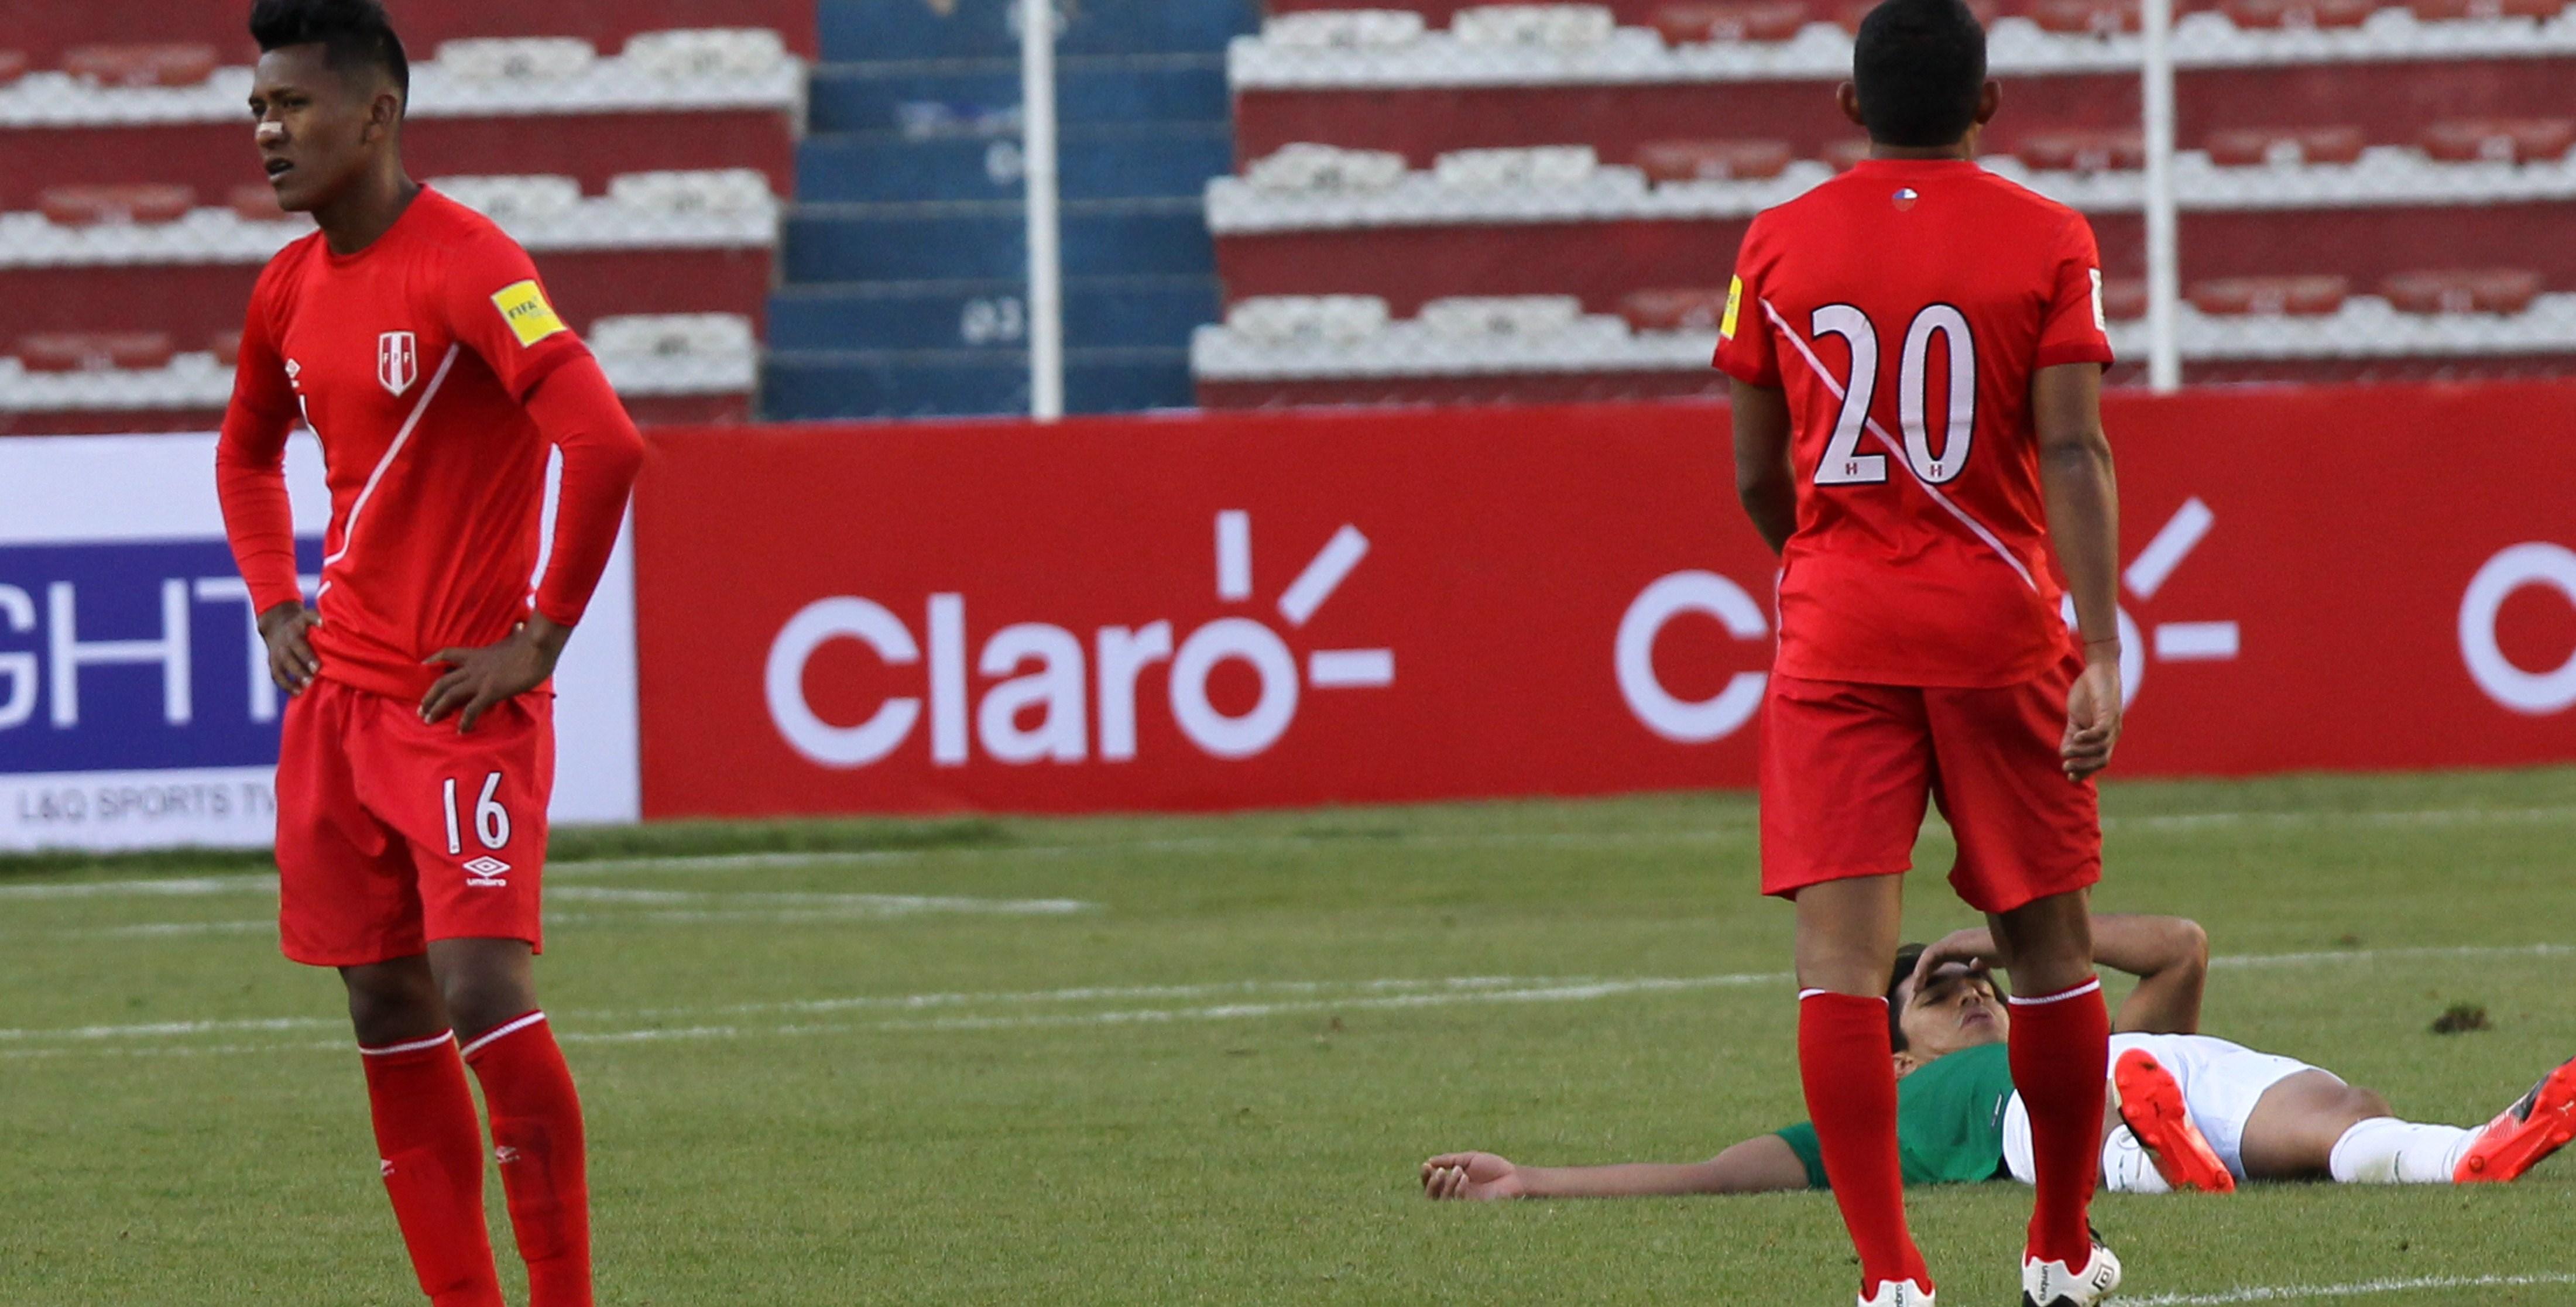 Perú pierde por lesión al lateral Cord Cleque para enfrentar a Ecuador